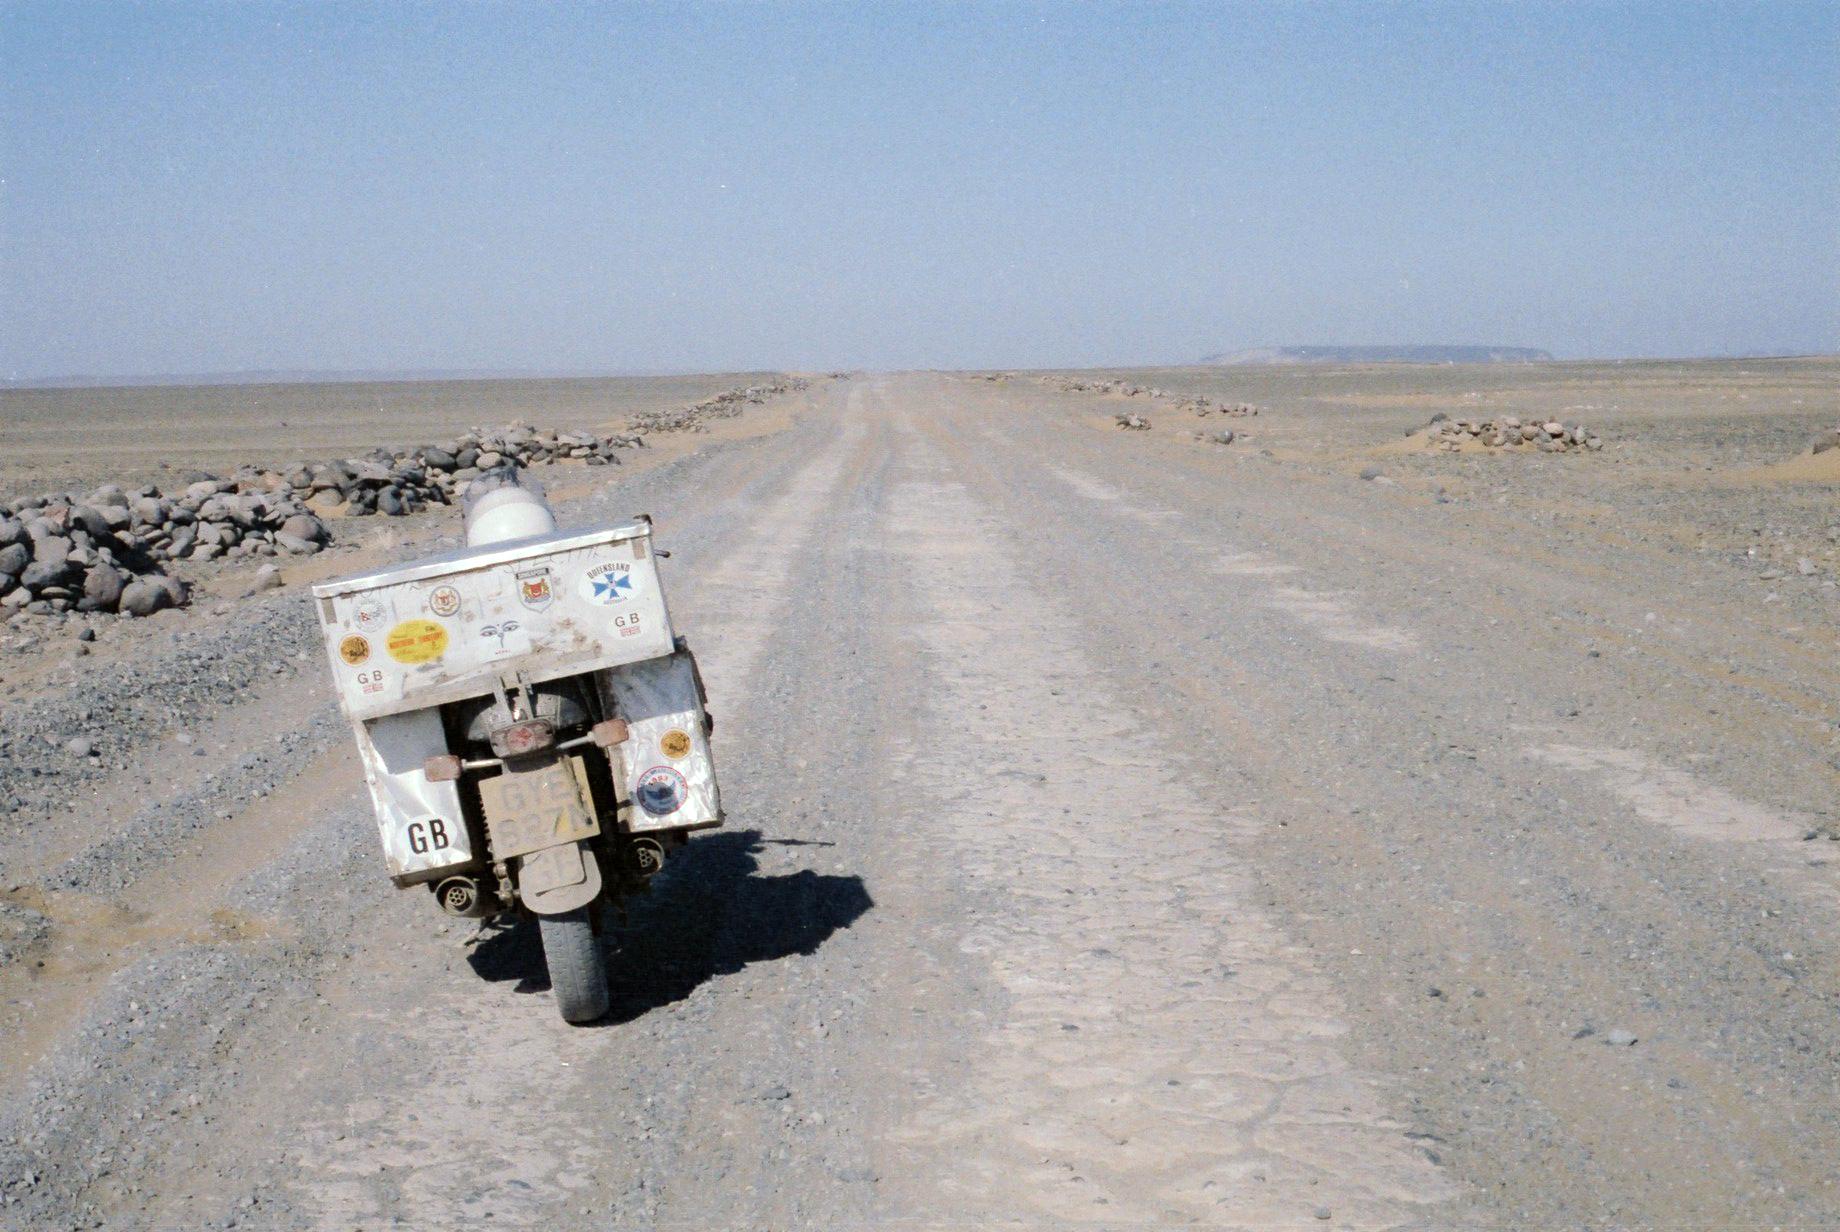 67. Baluchistan desert